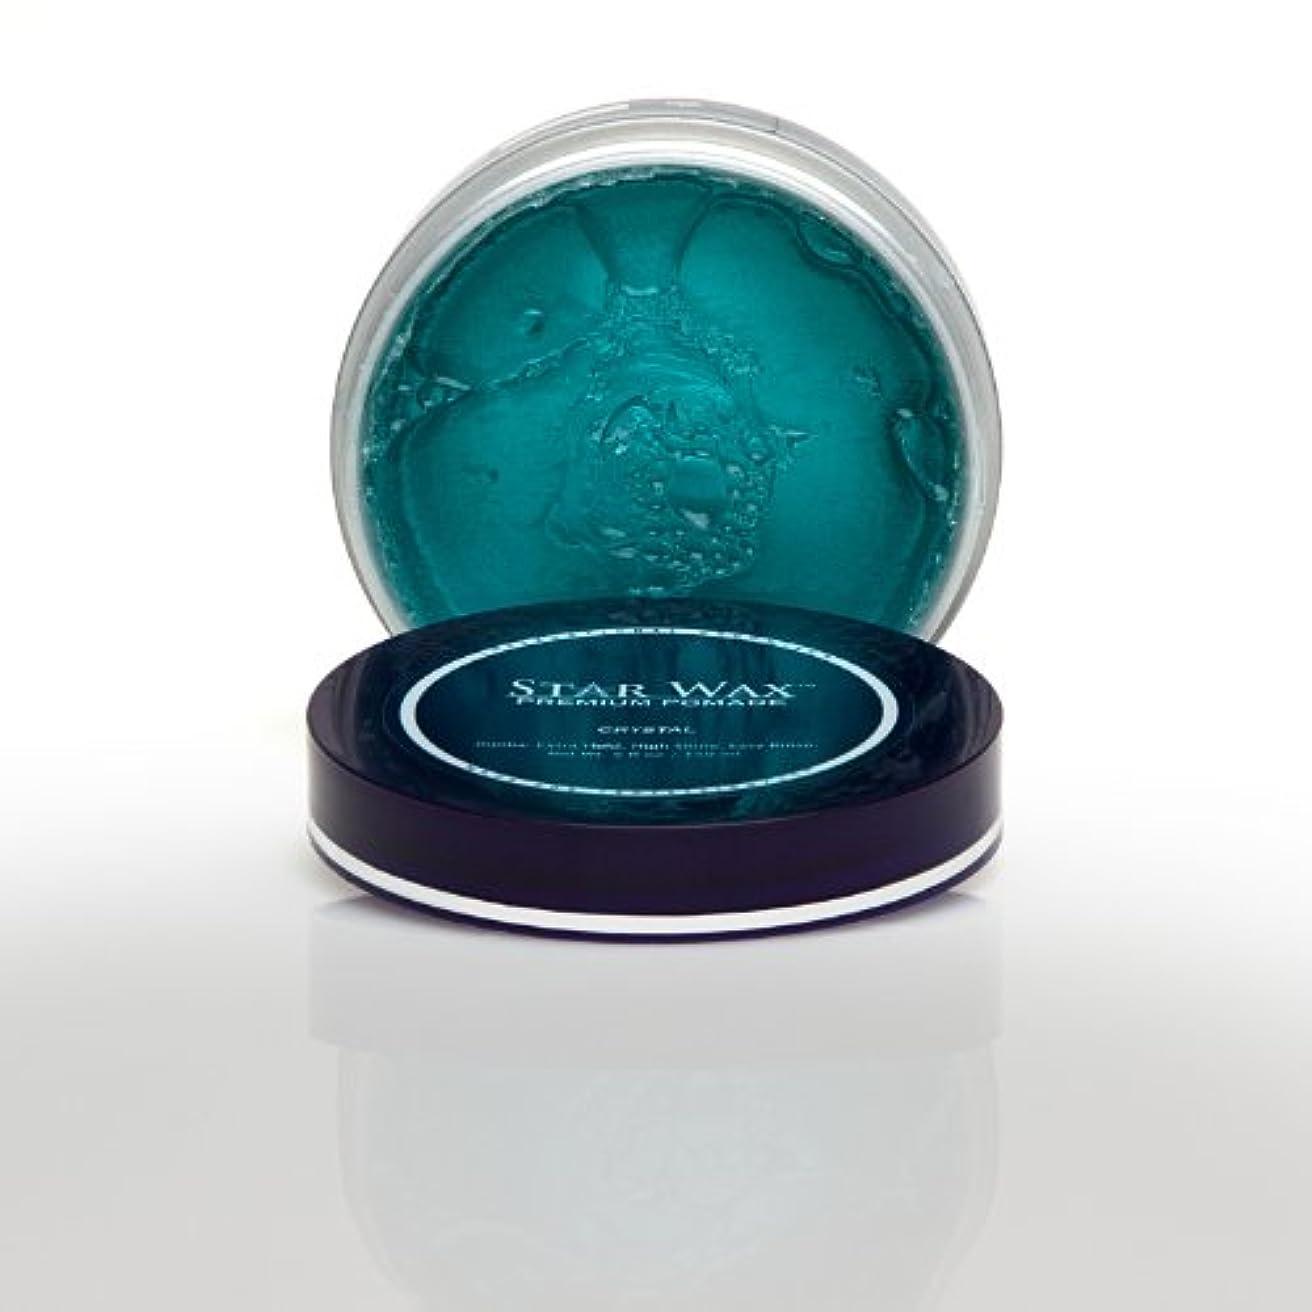 剪断より多い聖域Star Wax   Premium Pomade, Crystal(スターワックスプレミアム ポマード「クリスタル」)?Star Pro Line(スタープロライン)製?5(液量)オンス/150ml